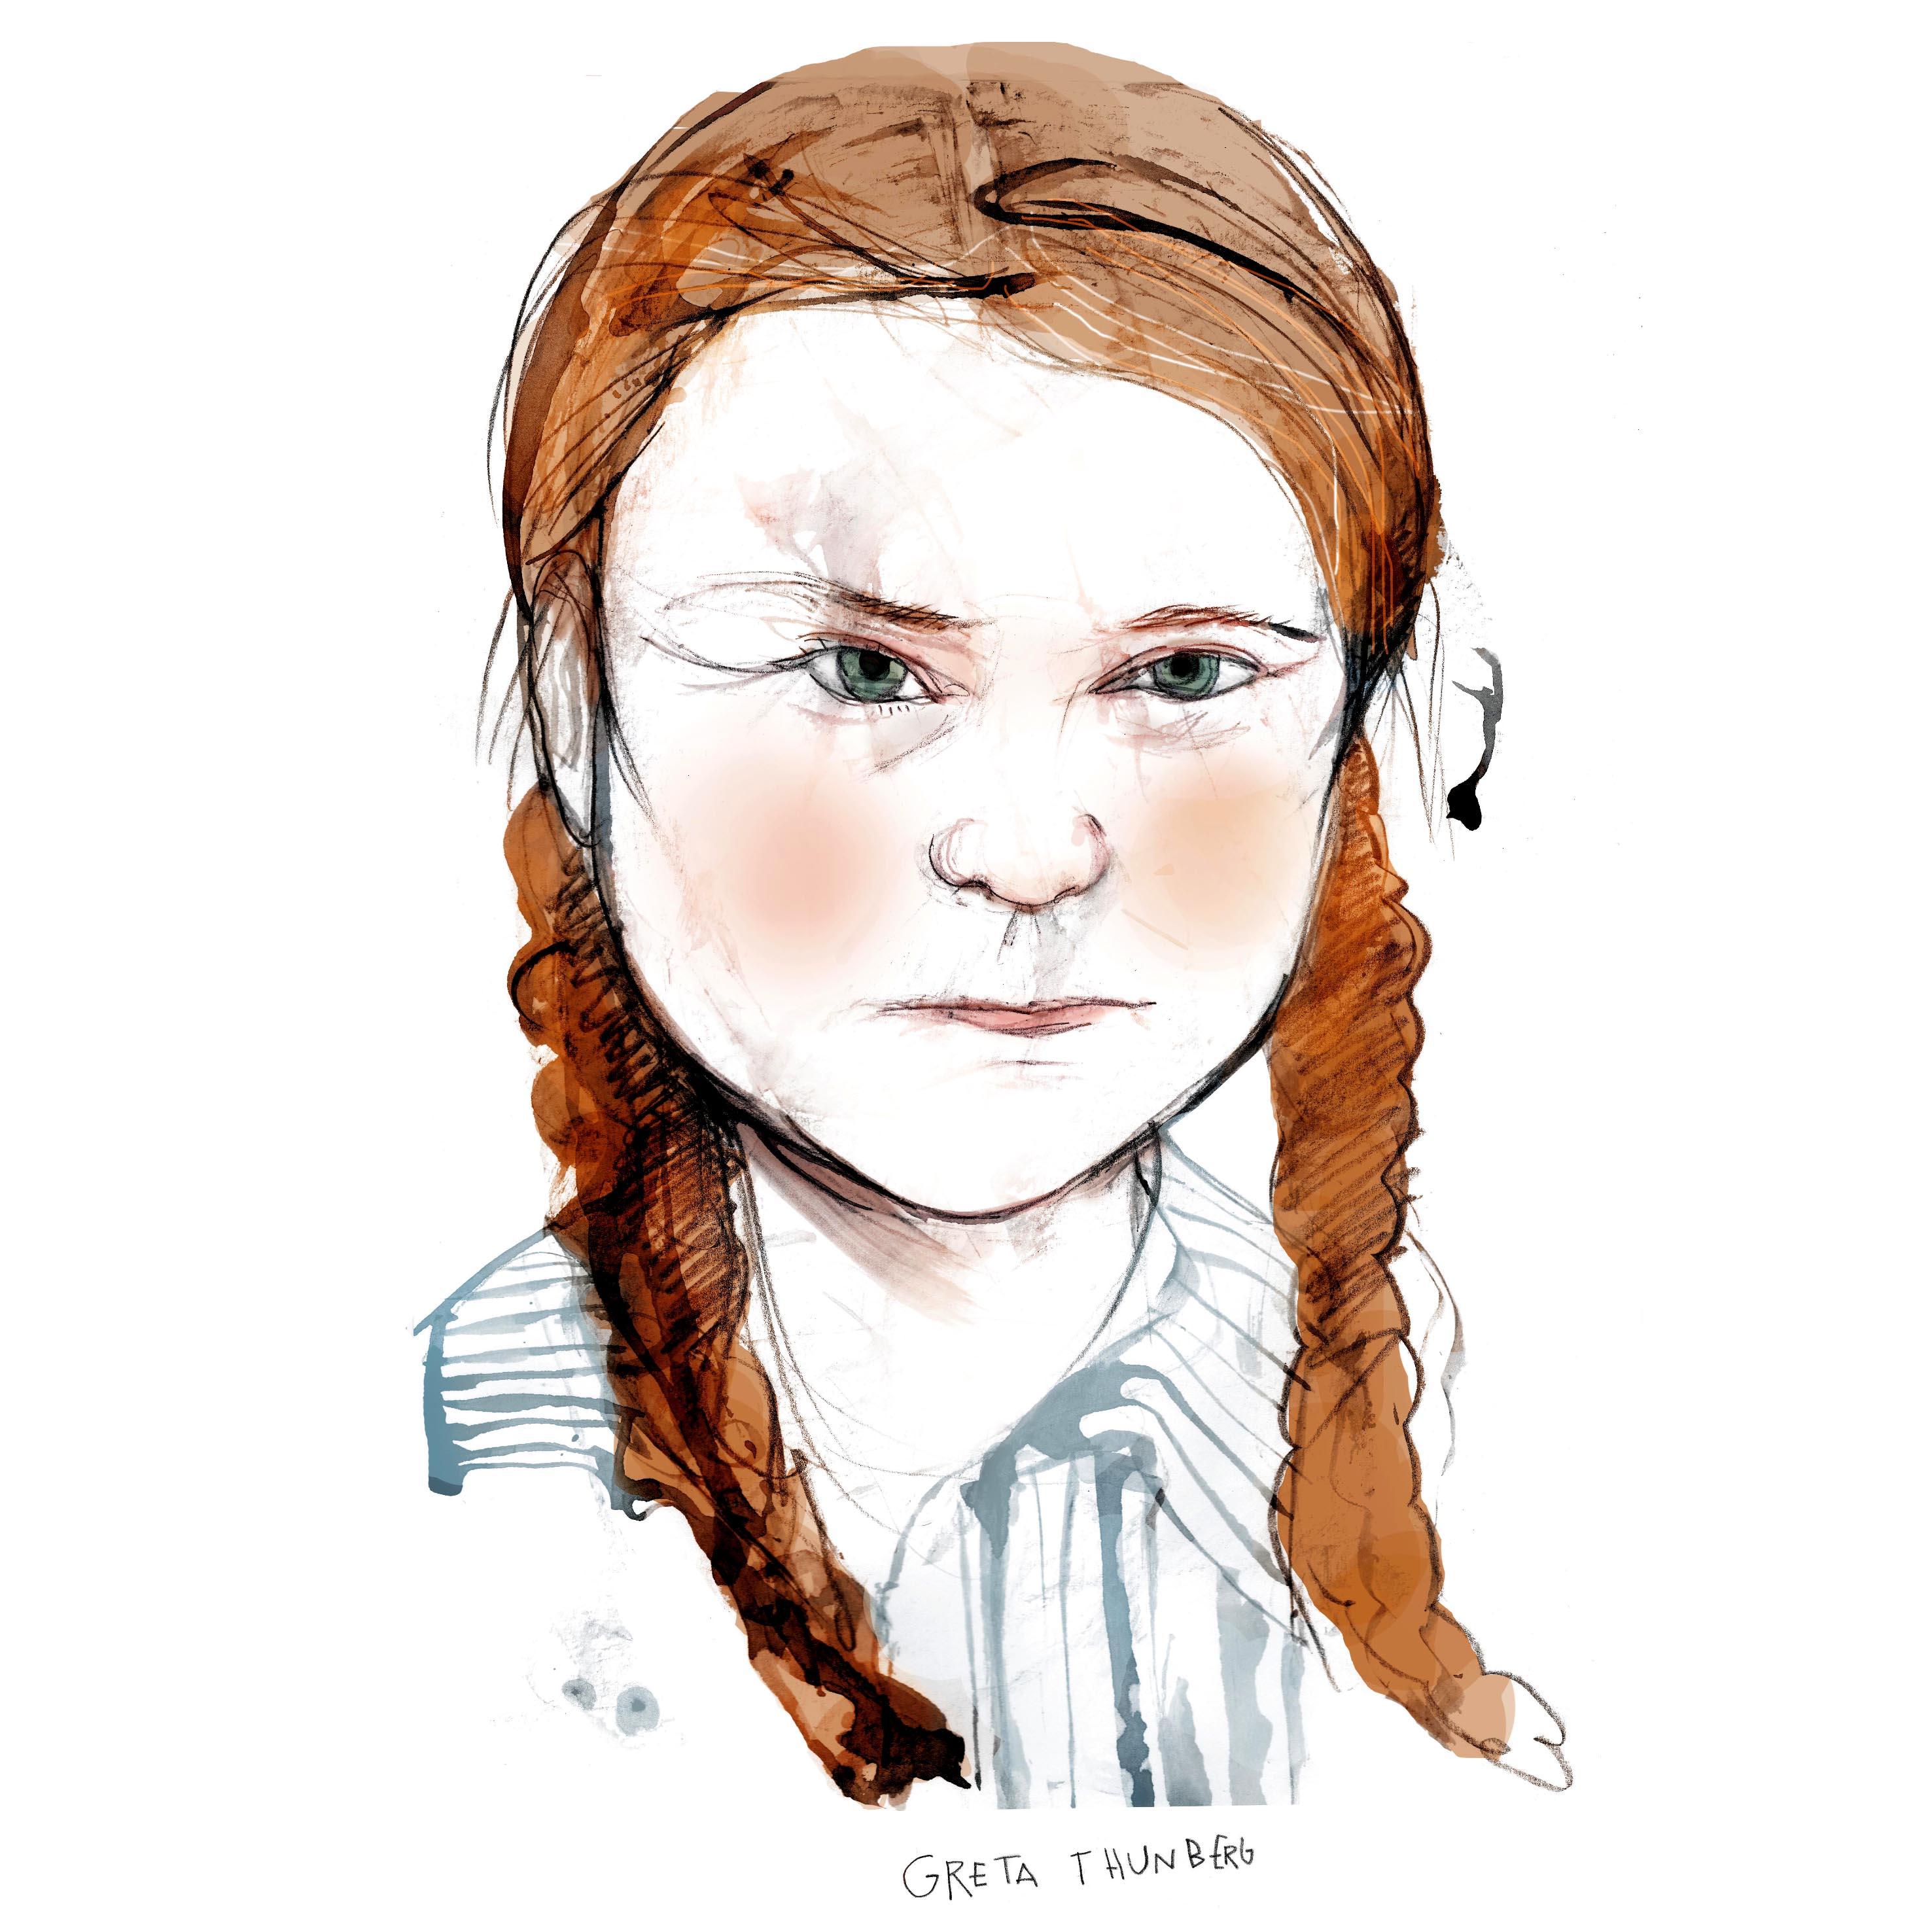 Greta Thunberg cuadrado